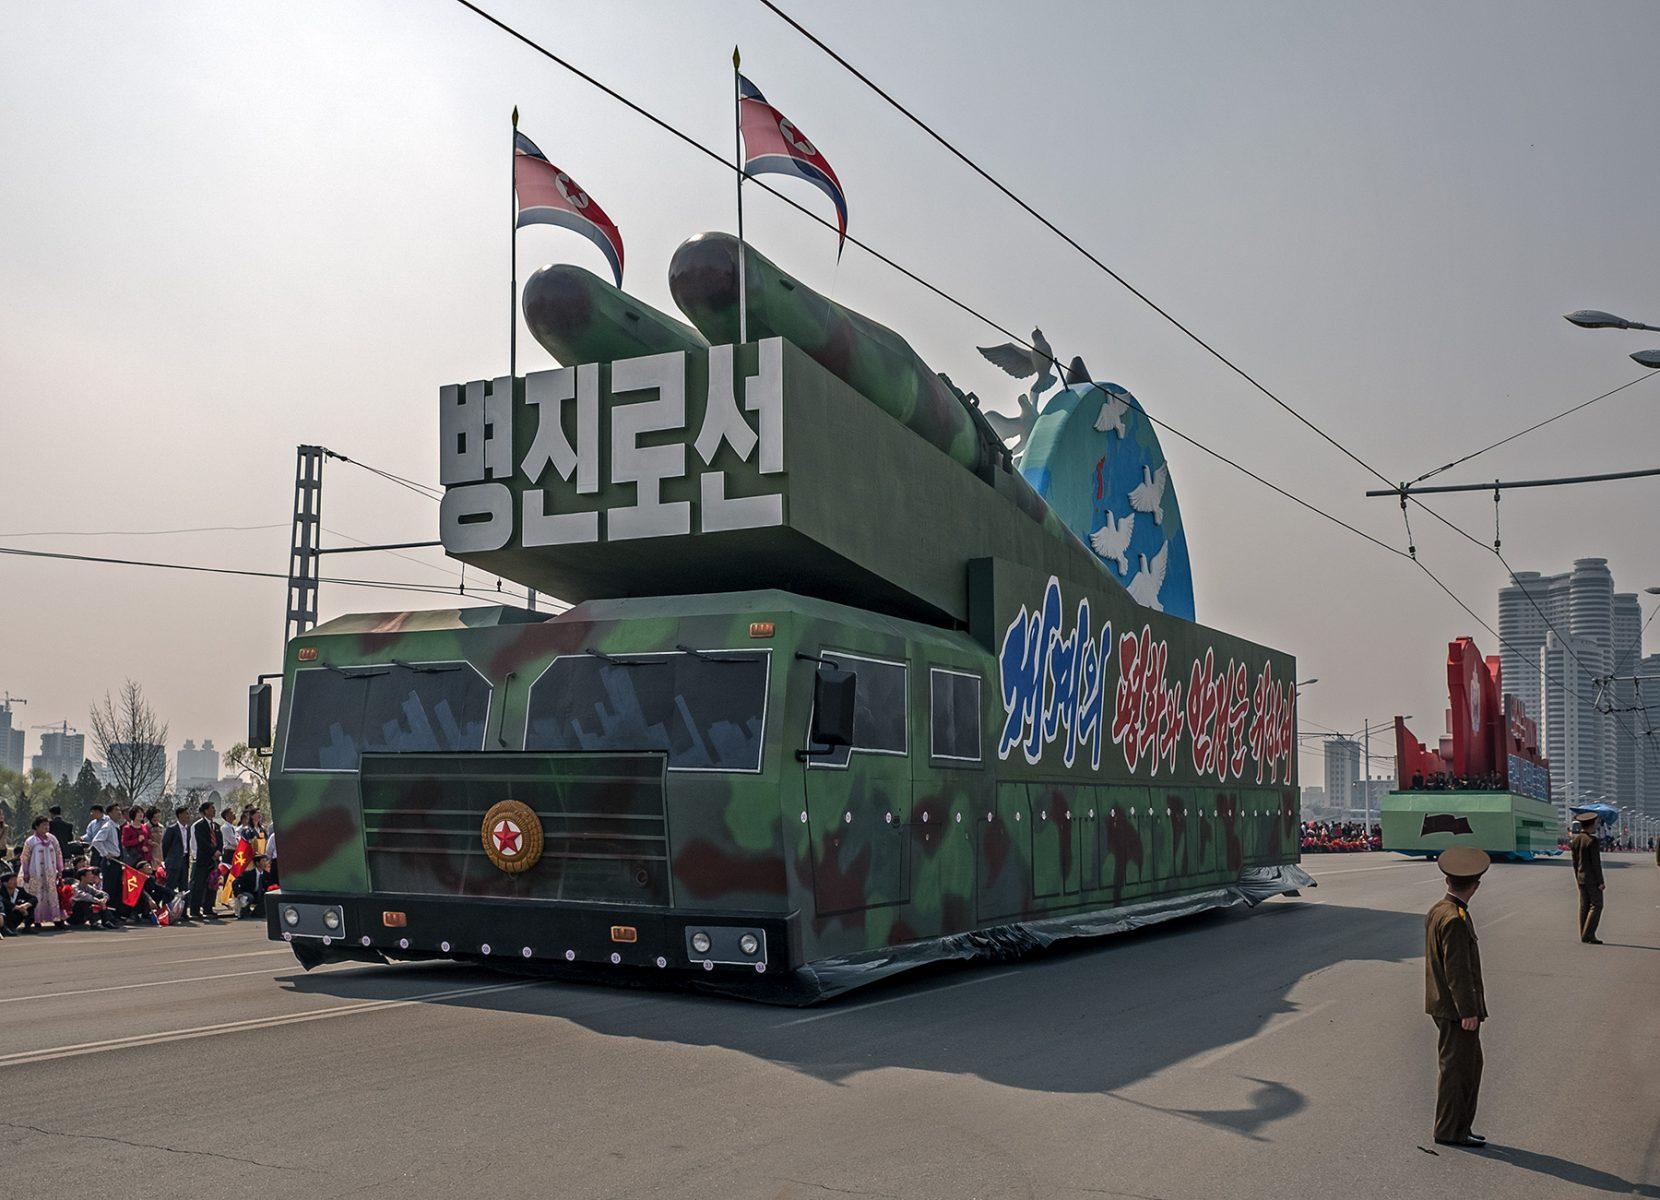 Paradewagen mit Aufbauten in Pjöngjang, Nordkorea